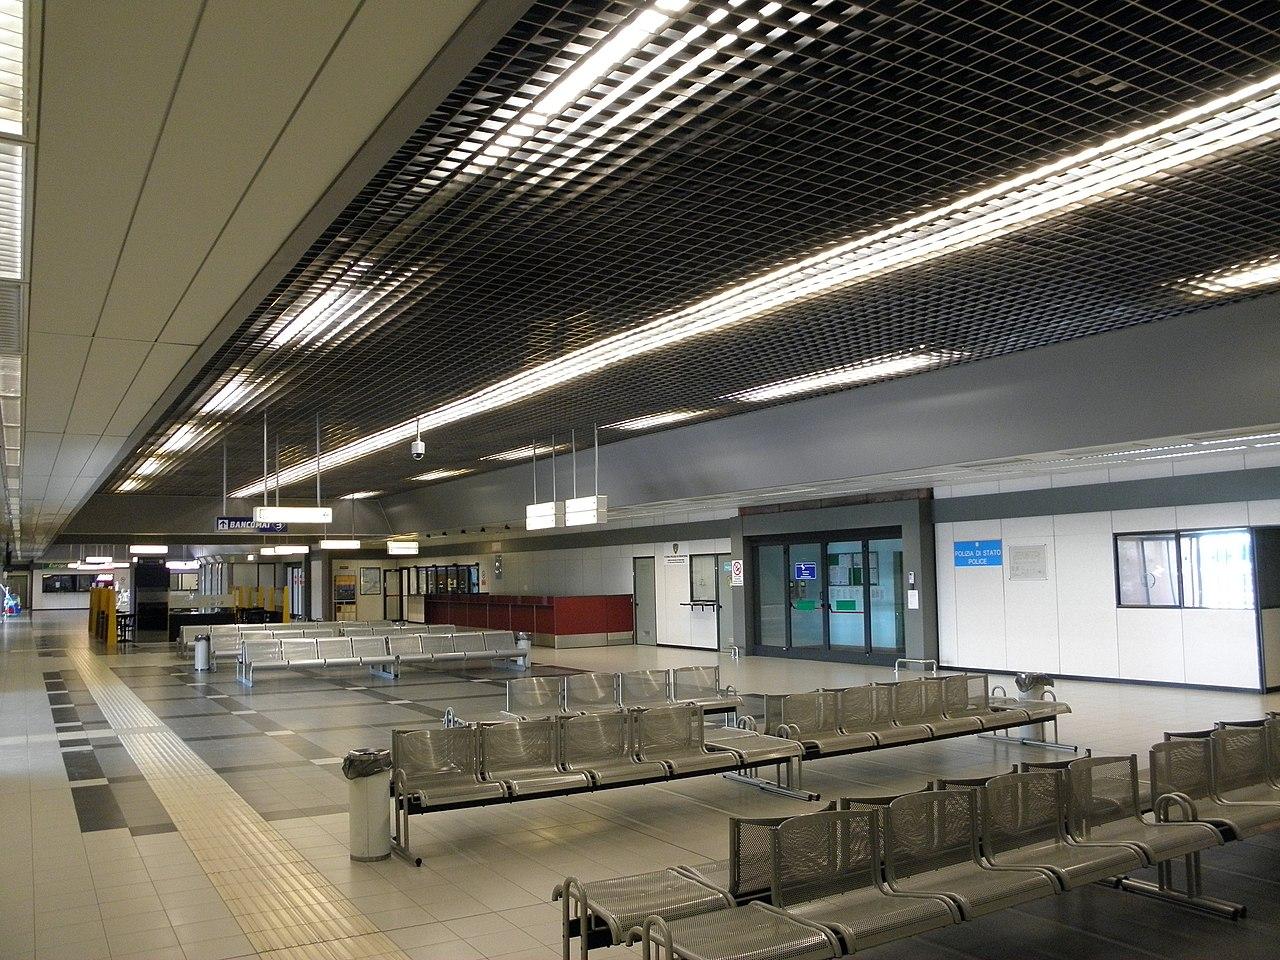 File aeroporto di brescia montichiari interno jpg wikipedia for Interno 4 montichiari